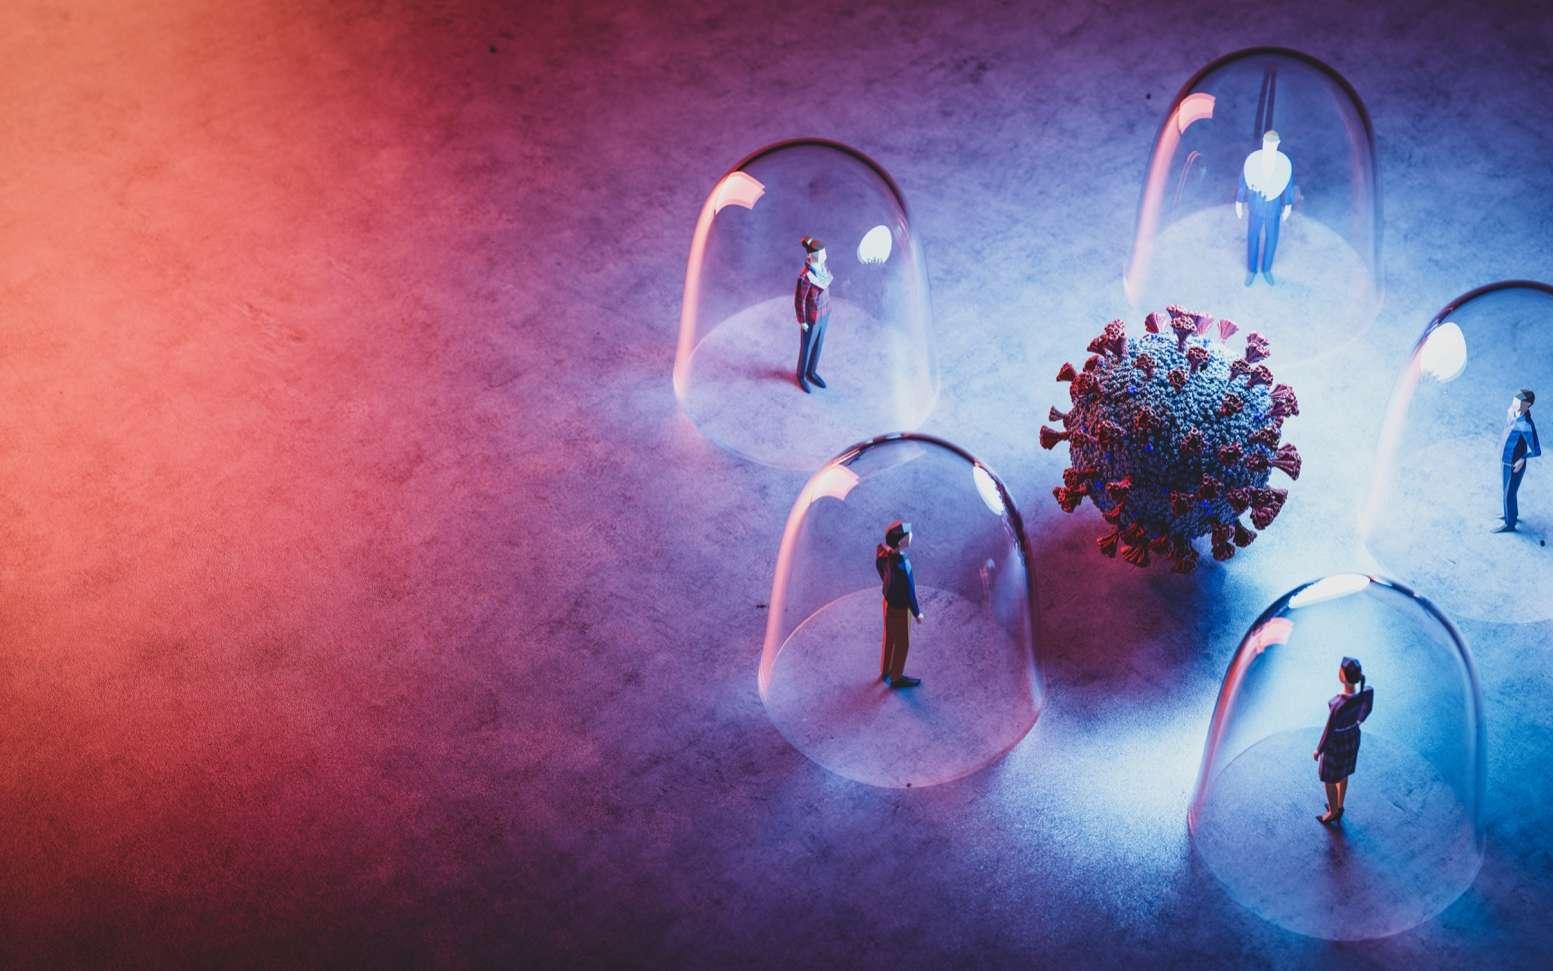 Combien de temps encore avant d'atteindre l'immunité collective ? © Photocreo Bednarek, Adobe Stock